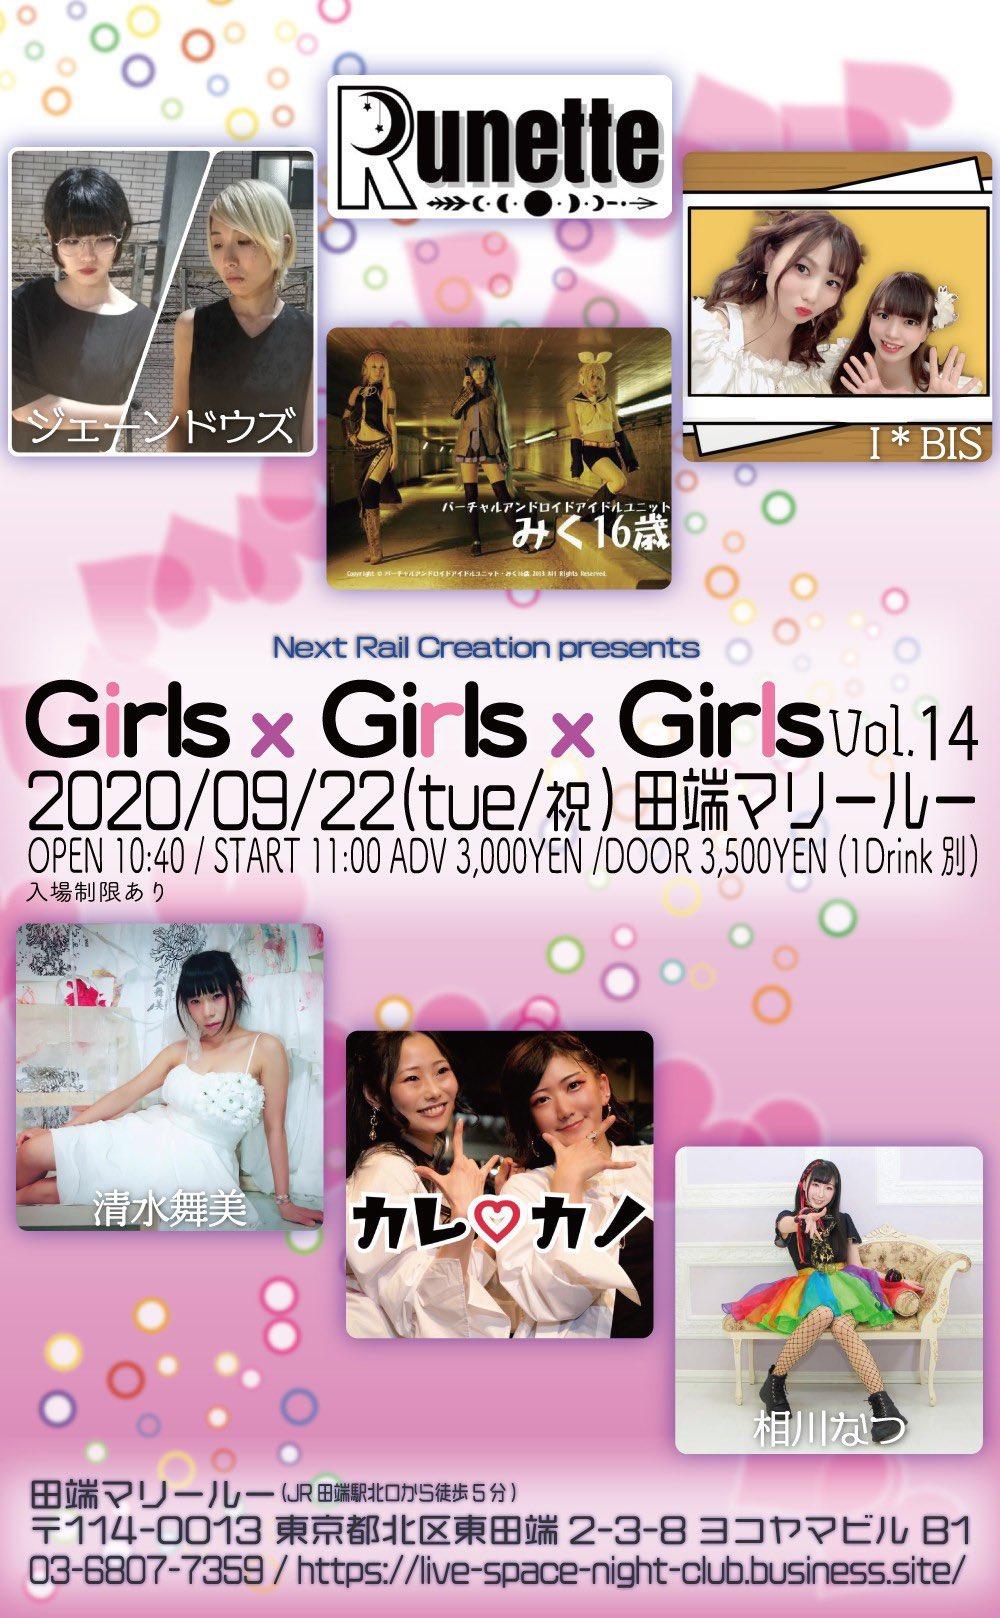 Girls × Girls × Girls vol.14